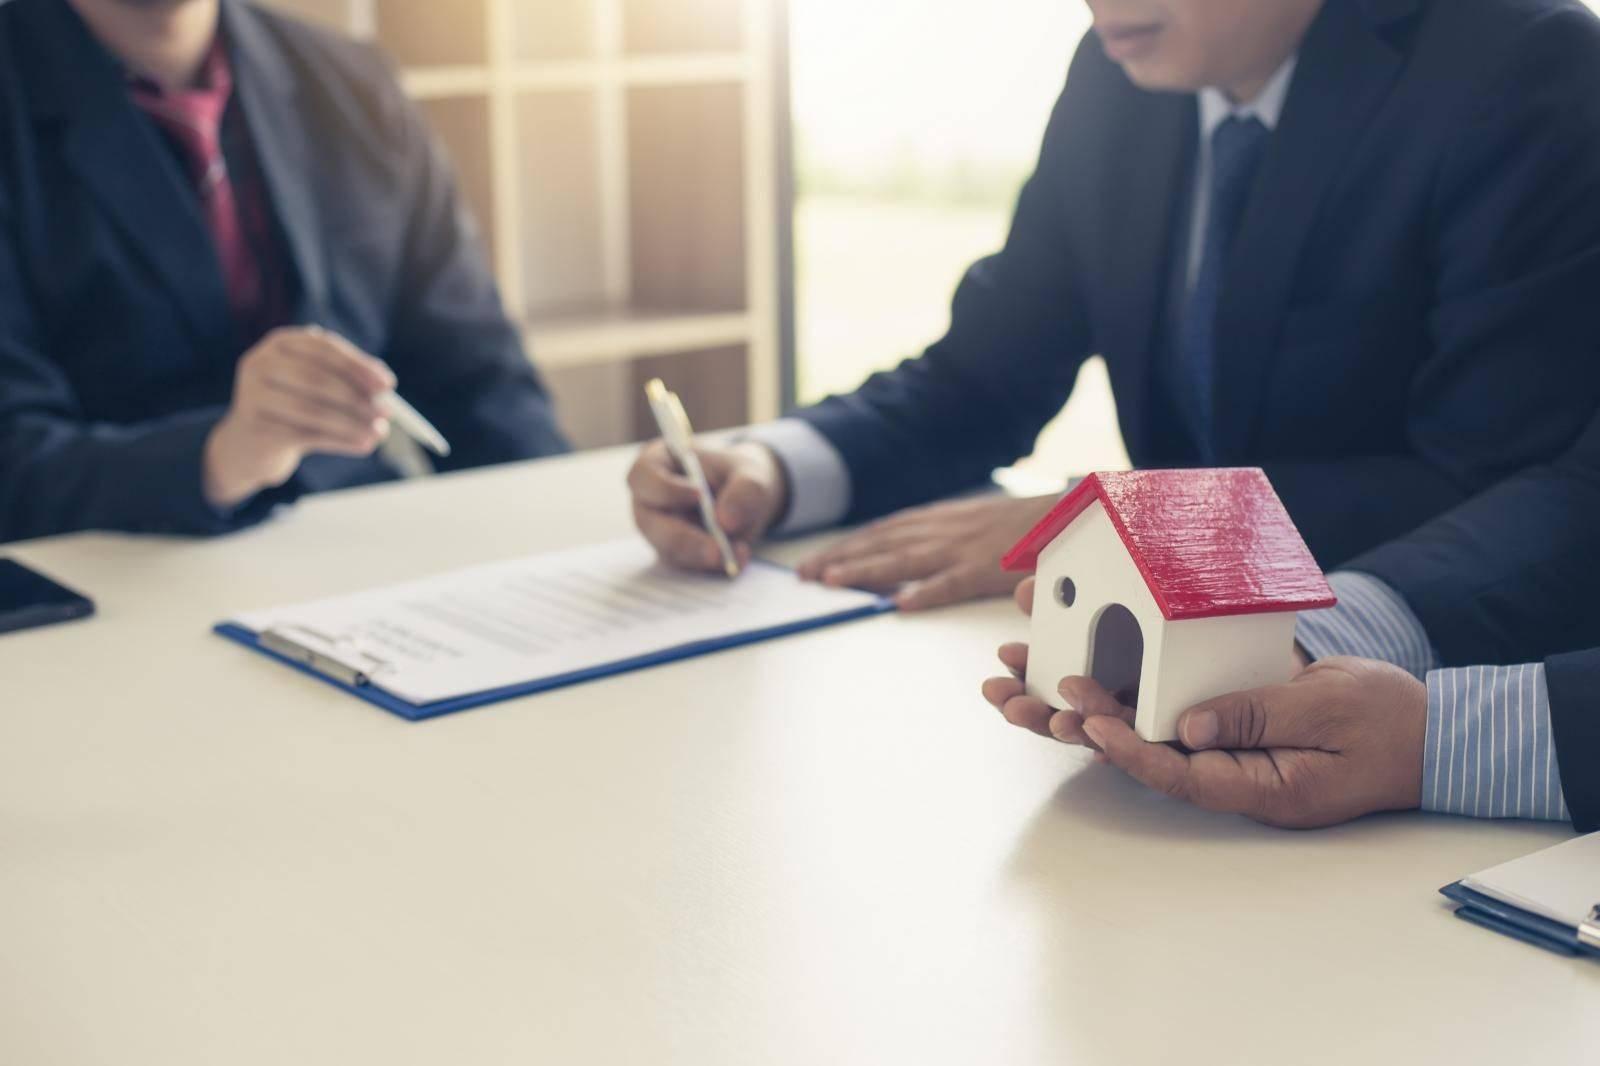 Tính pháp lý của việc hủy bỏ hợp đồng đặt cọc - yeshouse